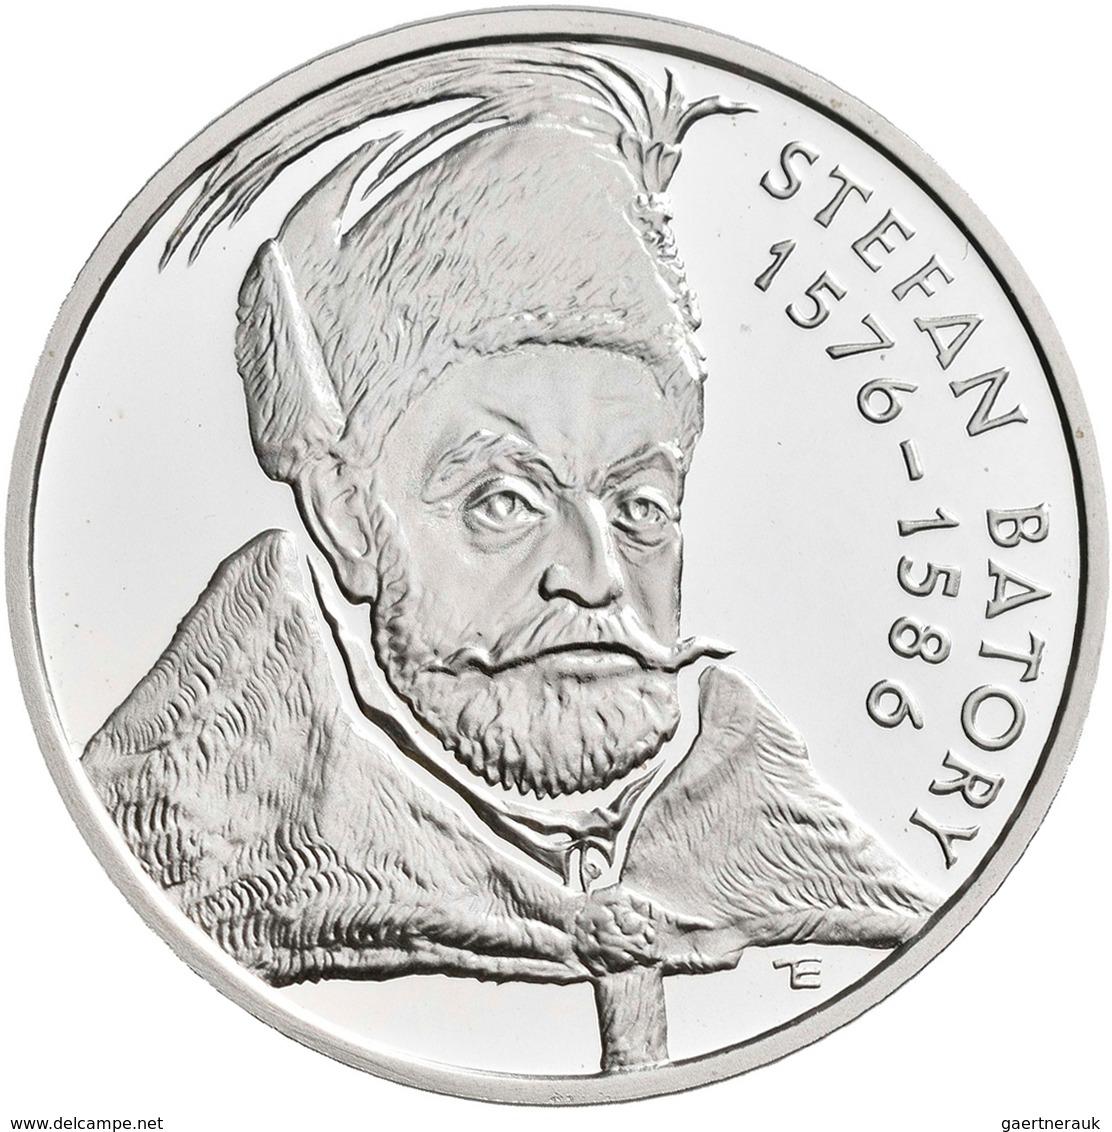 Polen: 10 Zlotych 1997, Stefan Batory, KM# Y 327, Fischer K (10) 011. Polierte Platte. - Pologne